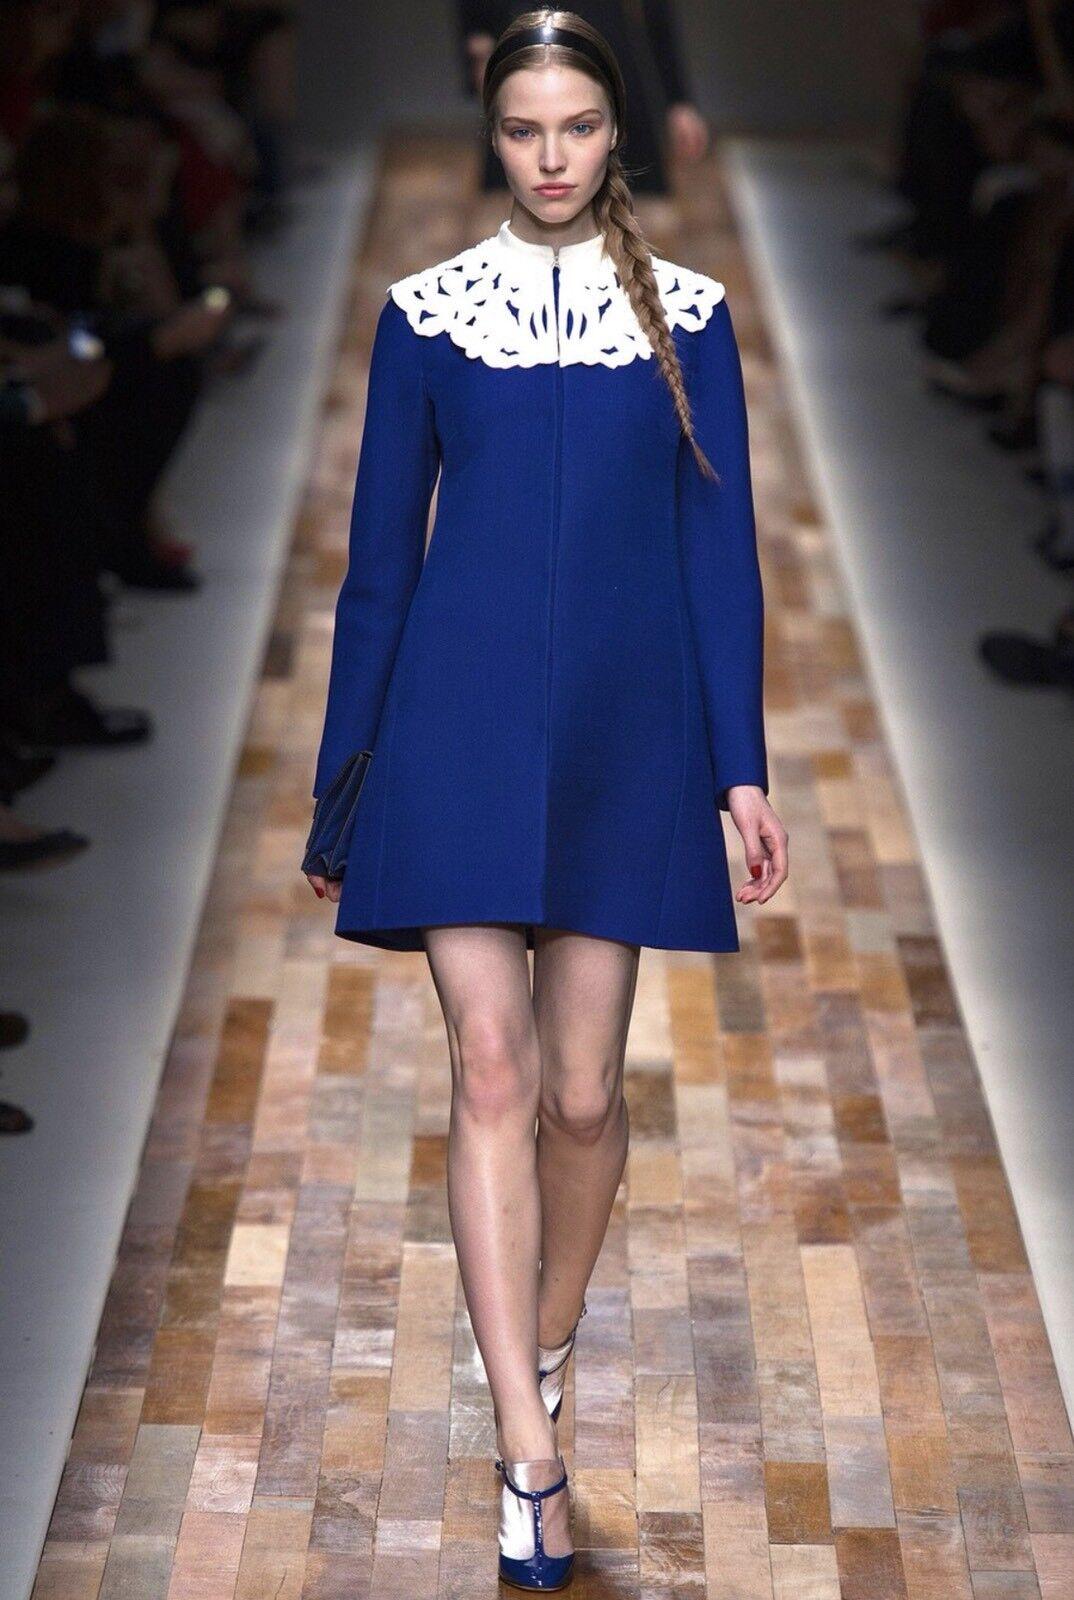 VALENTINO VALENTINO VALENTINO Runway bluee Patent Leather Mary Jane Heels 5c1396